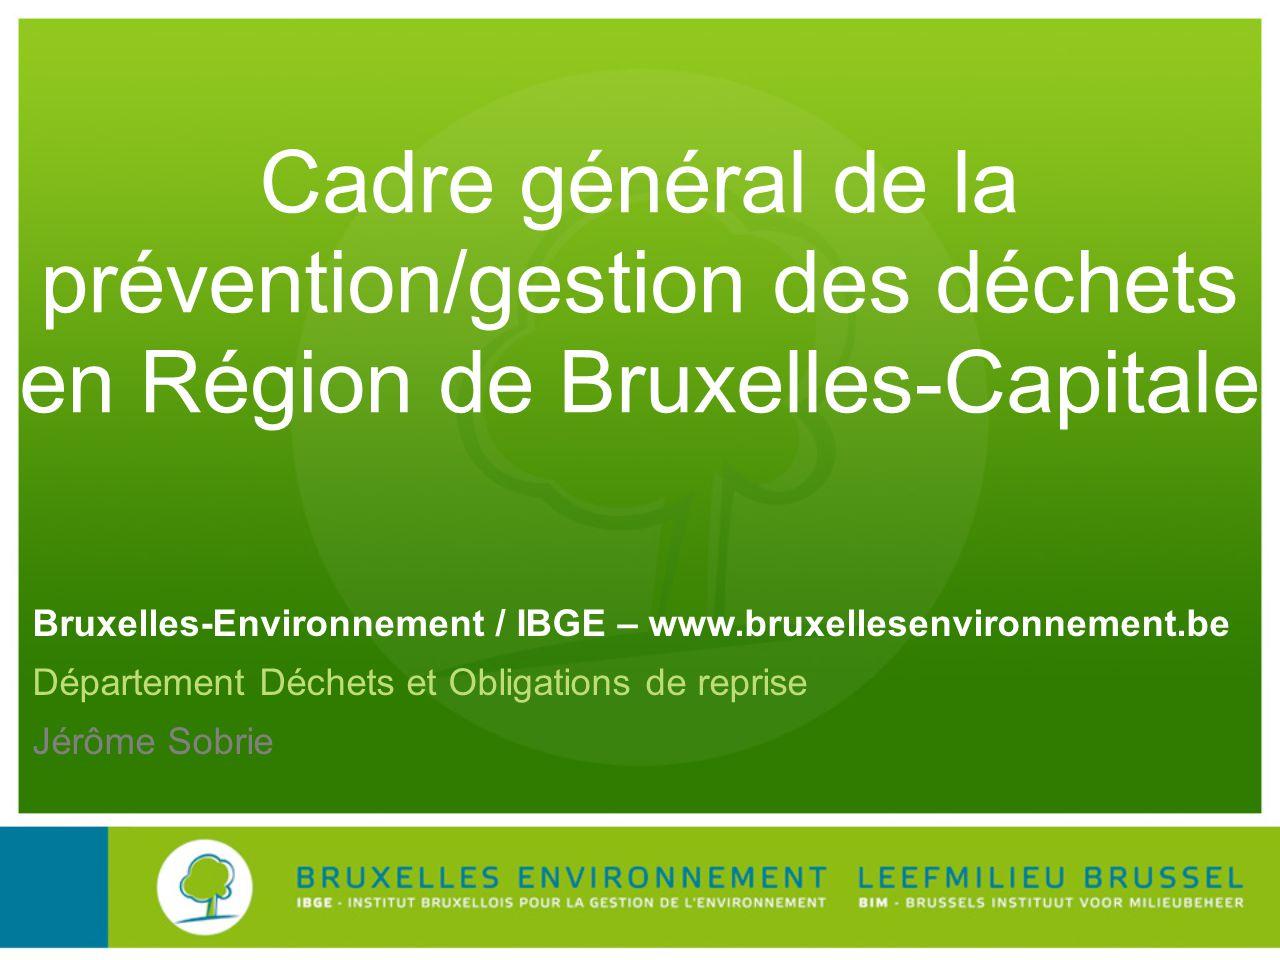 Cadre général de la prévention/gestion des déchets en Région de Bruxelles-Capitale